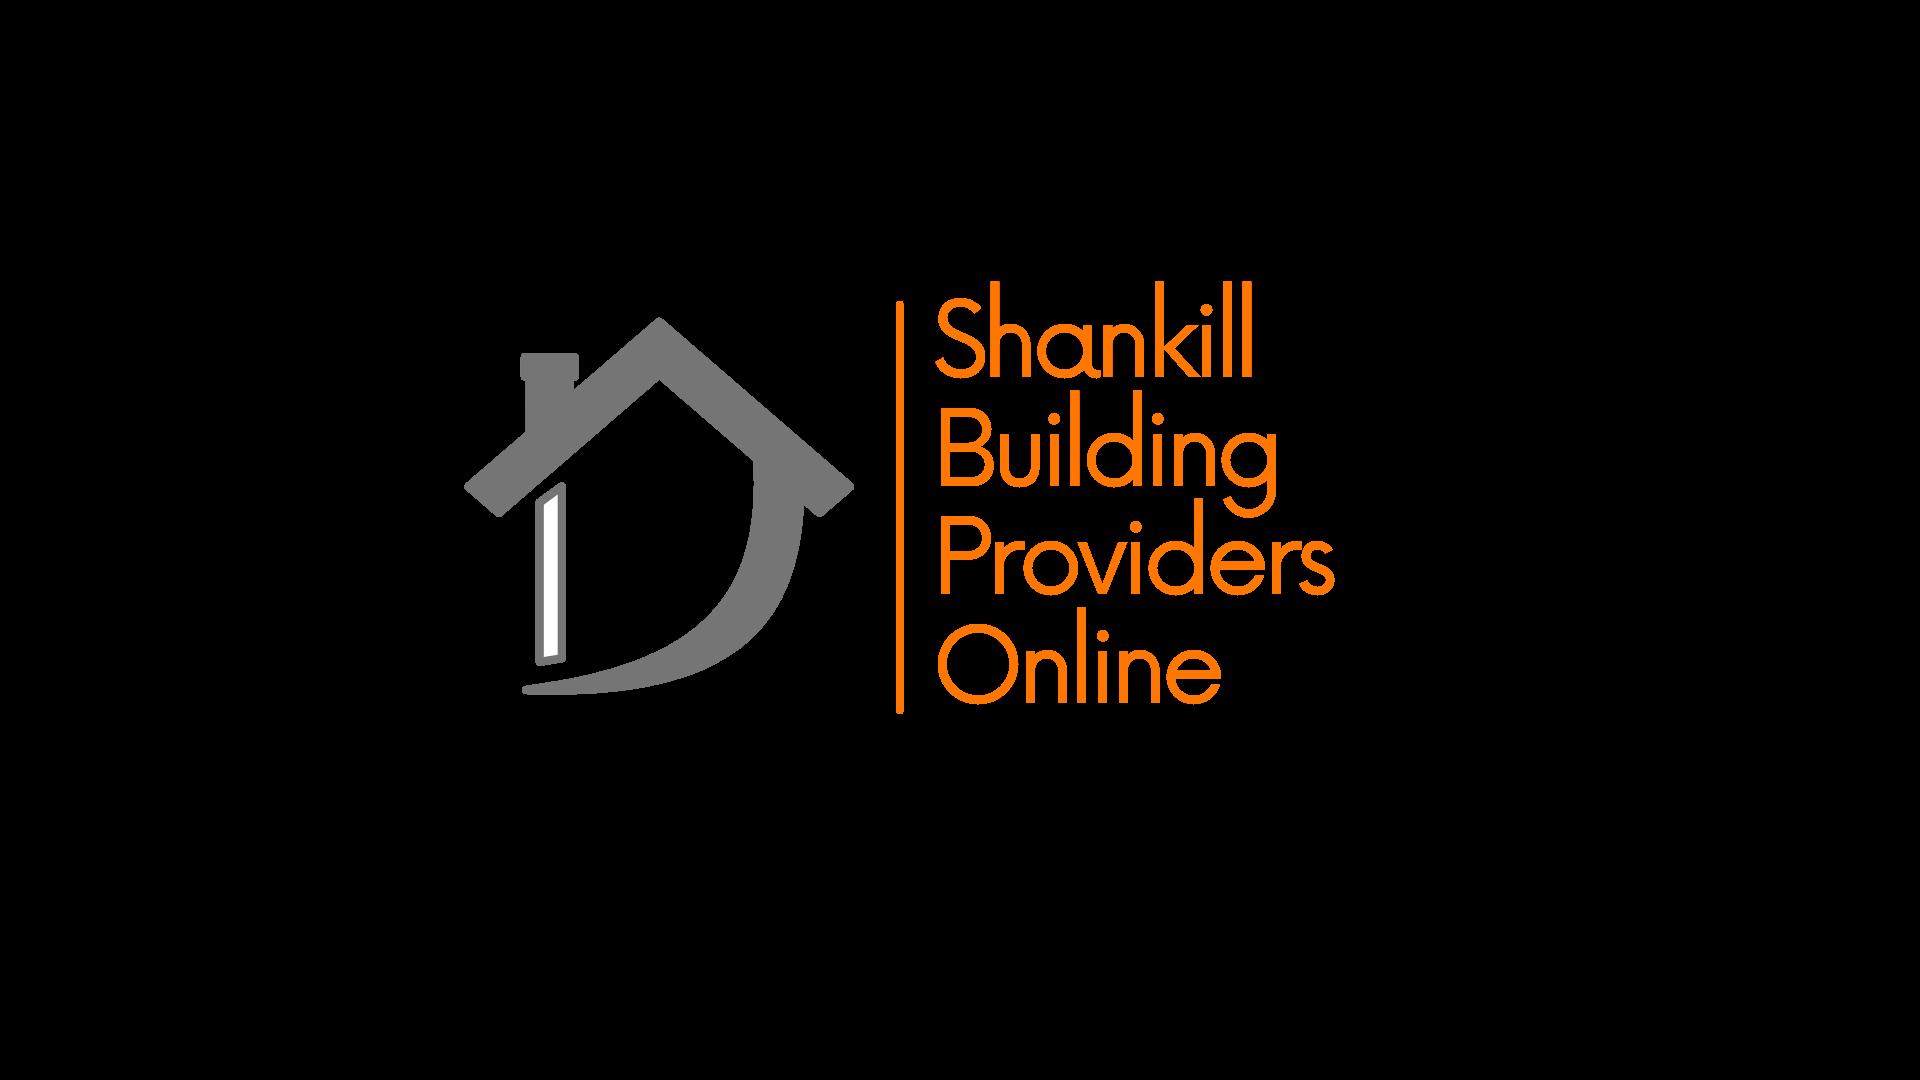 Shankill building providers